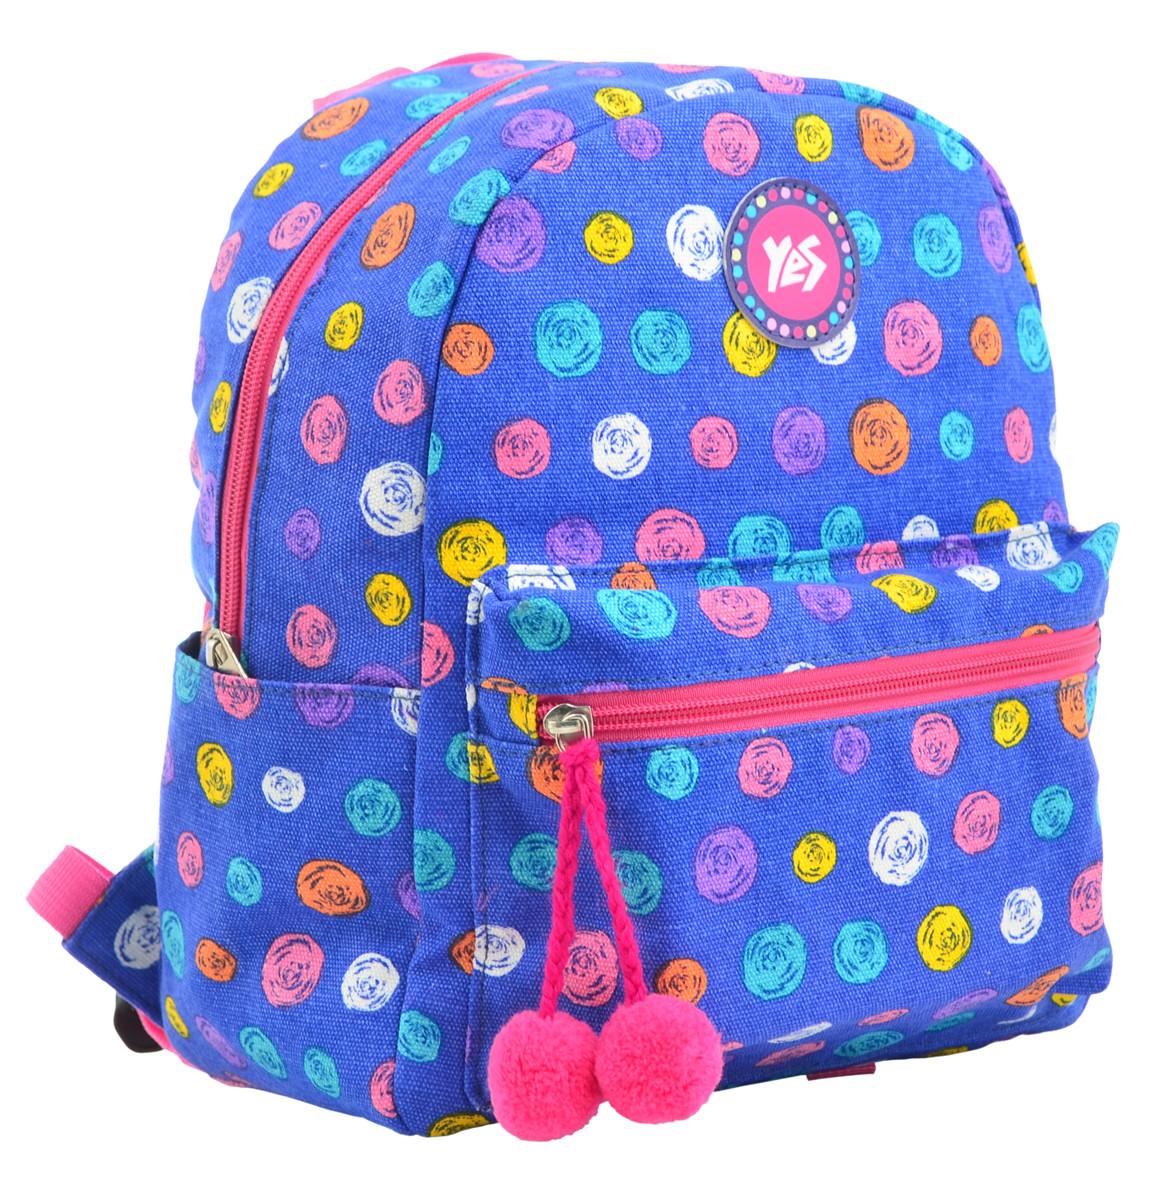 Рюкзак молодежный ST-32 Pumpy, 28*22*12